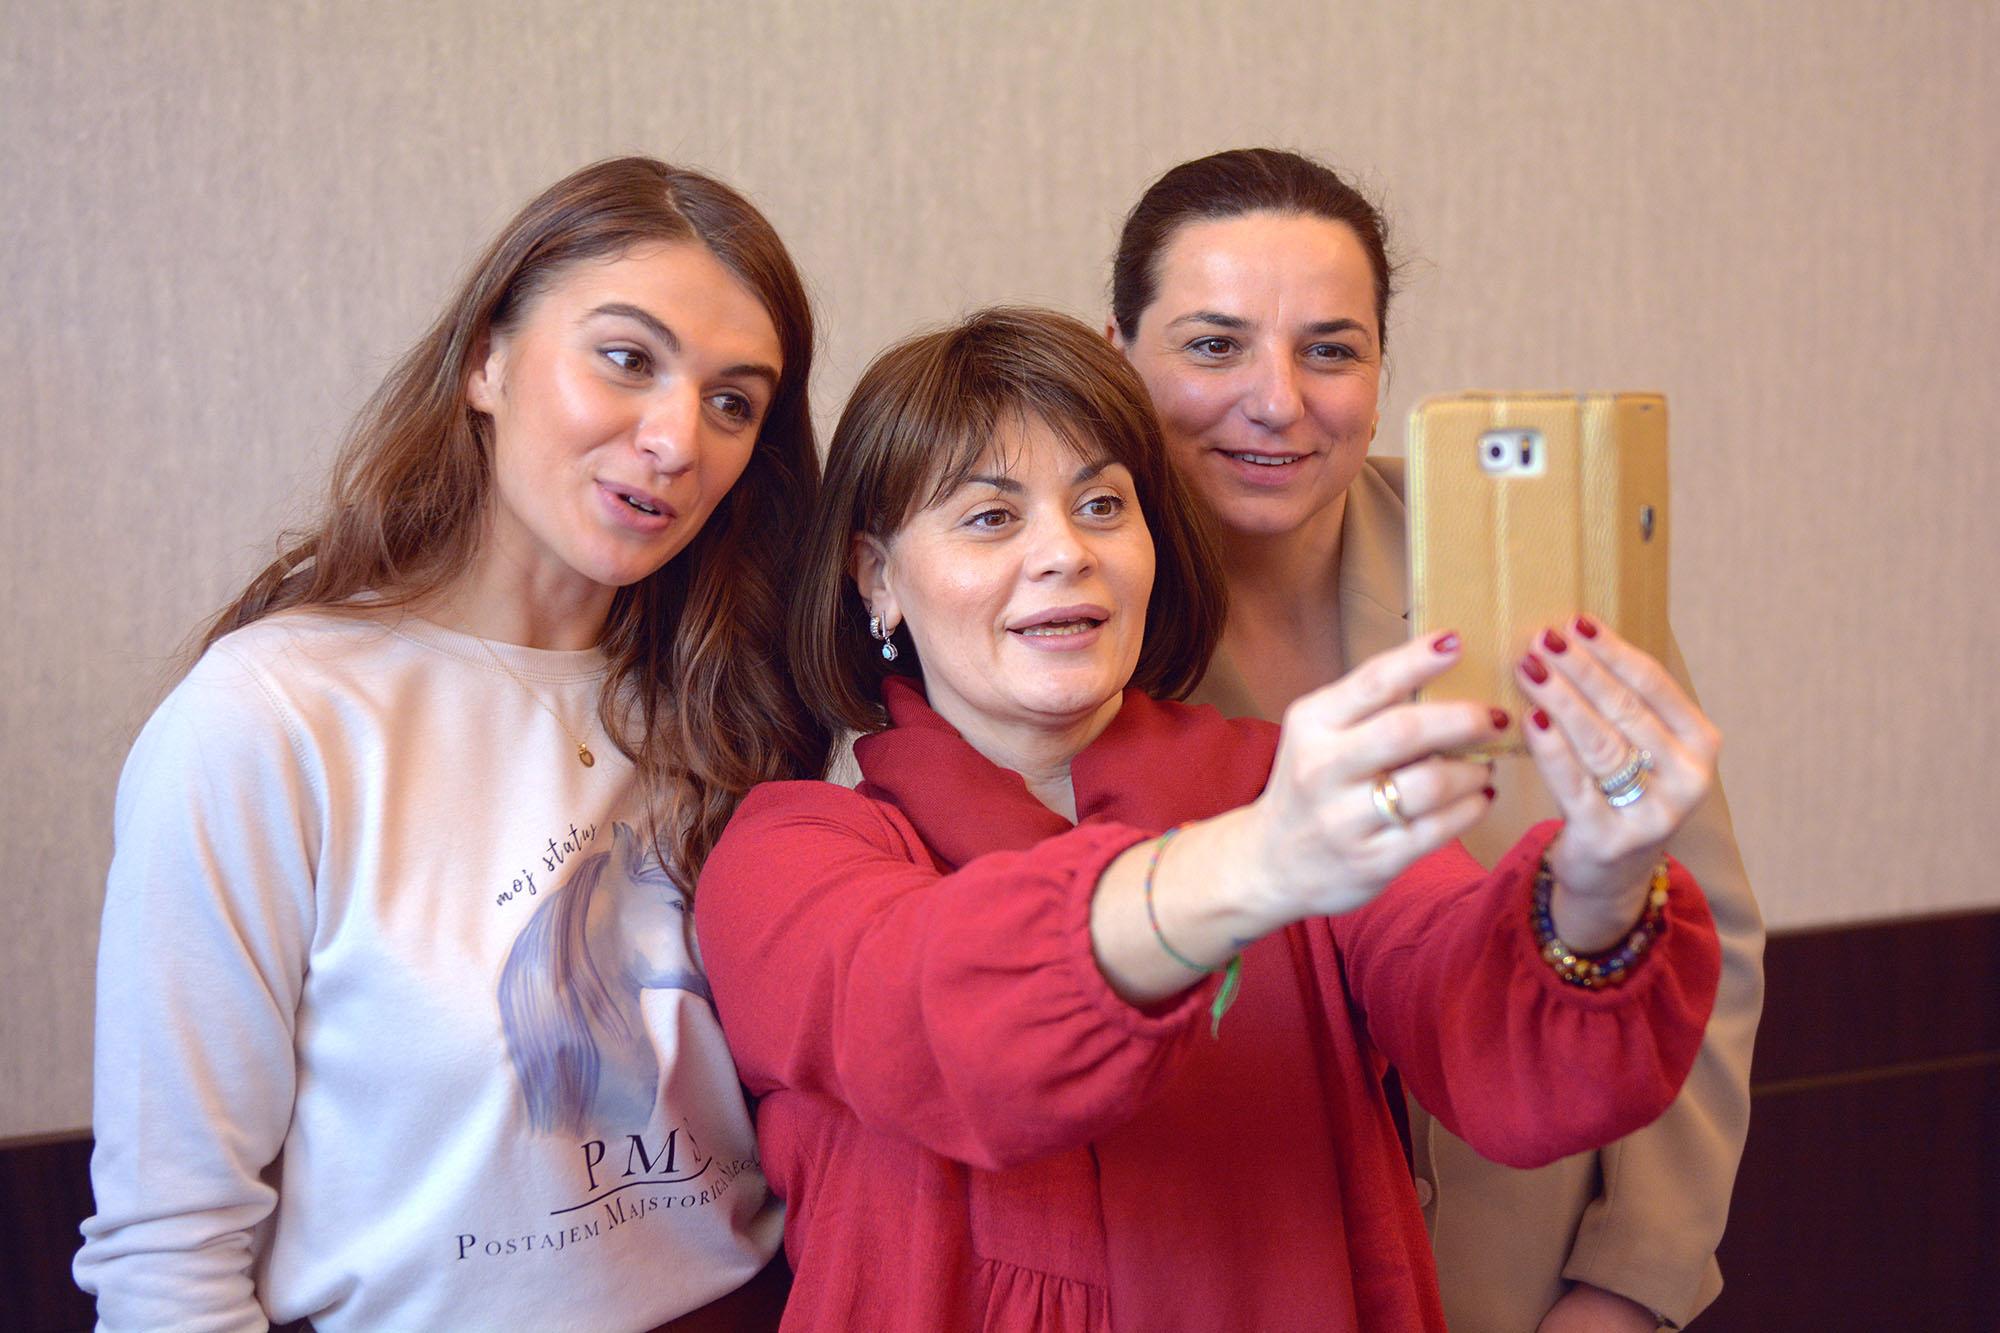 Petra Cutuk Vjeruj Traži Manifestiraj Zdravlje Meditacija Vježbe Disanja Samopouzdanje Posao Pms Podgorica Duhovnost